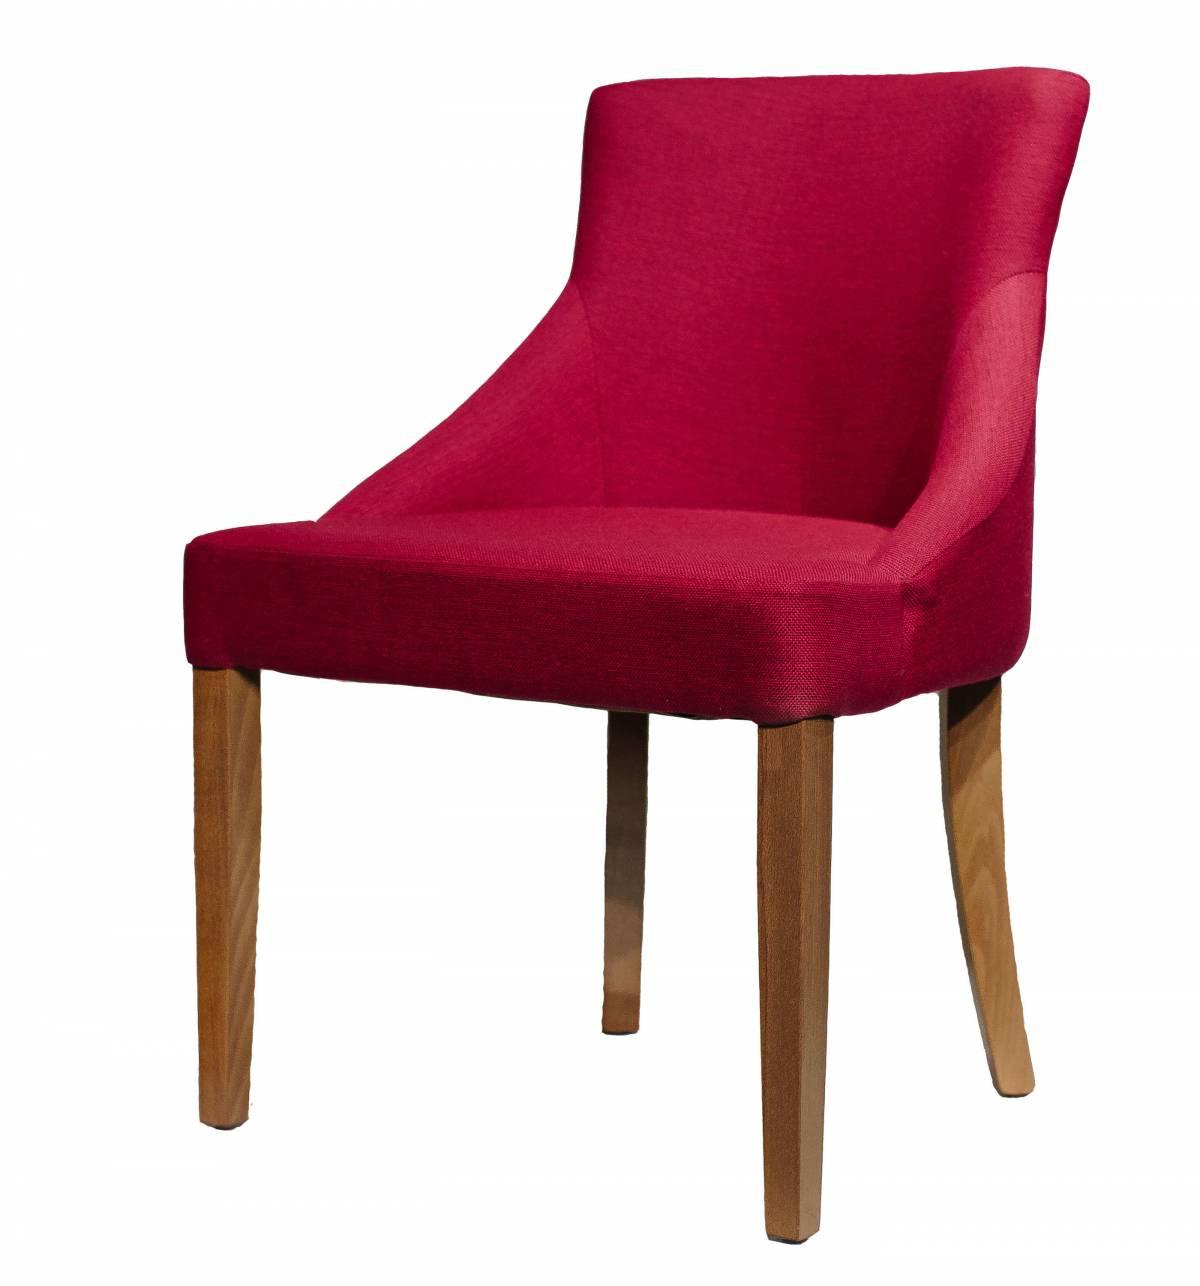 Купить стул GL591 в Raroom